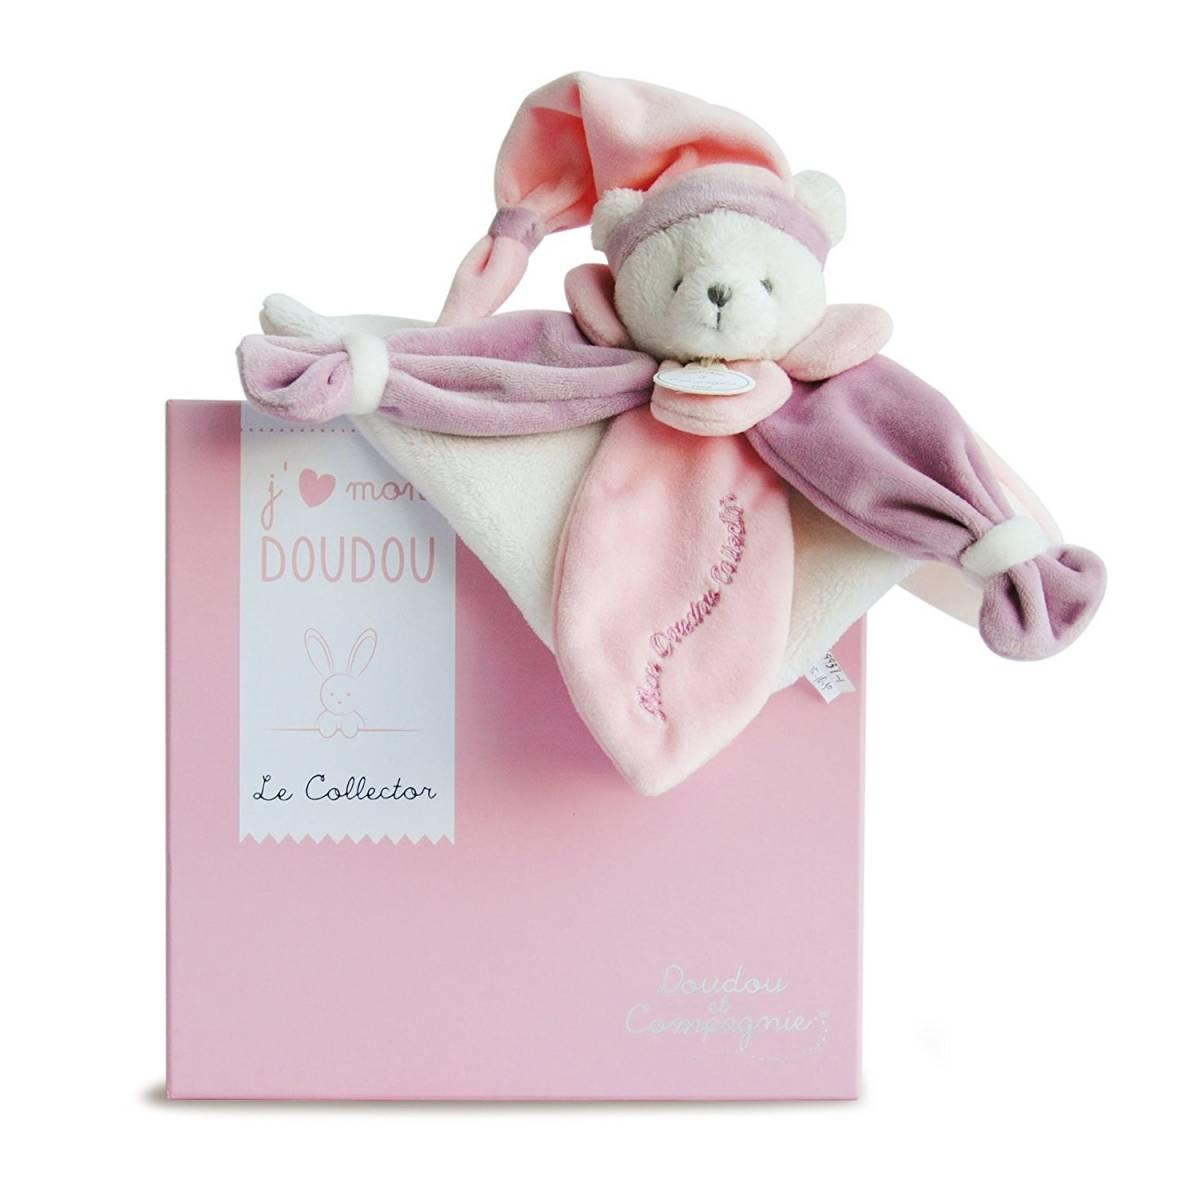 Doudou et Compagnie - J'Aime mon Doudou Collector Ours Rose - DC2920